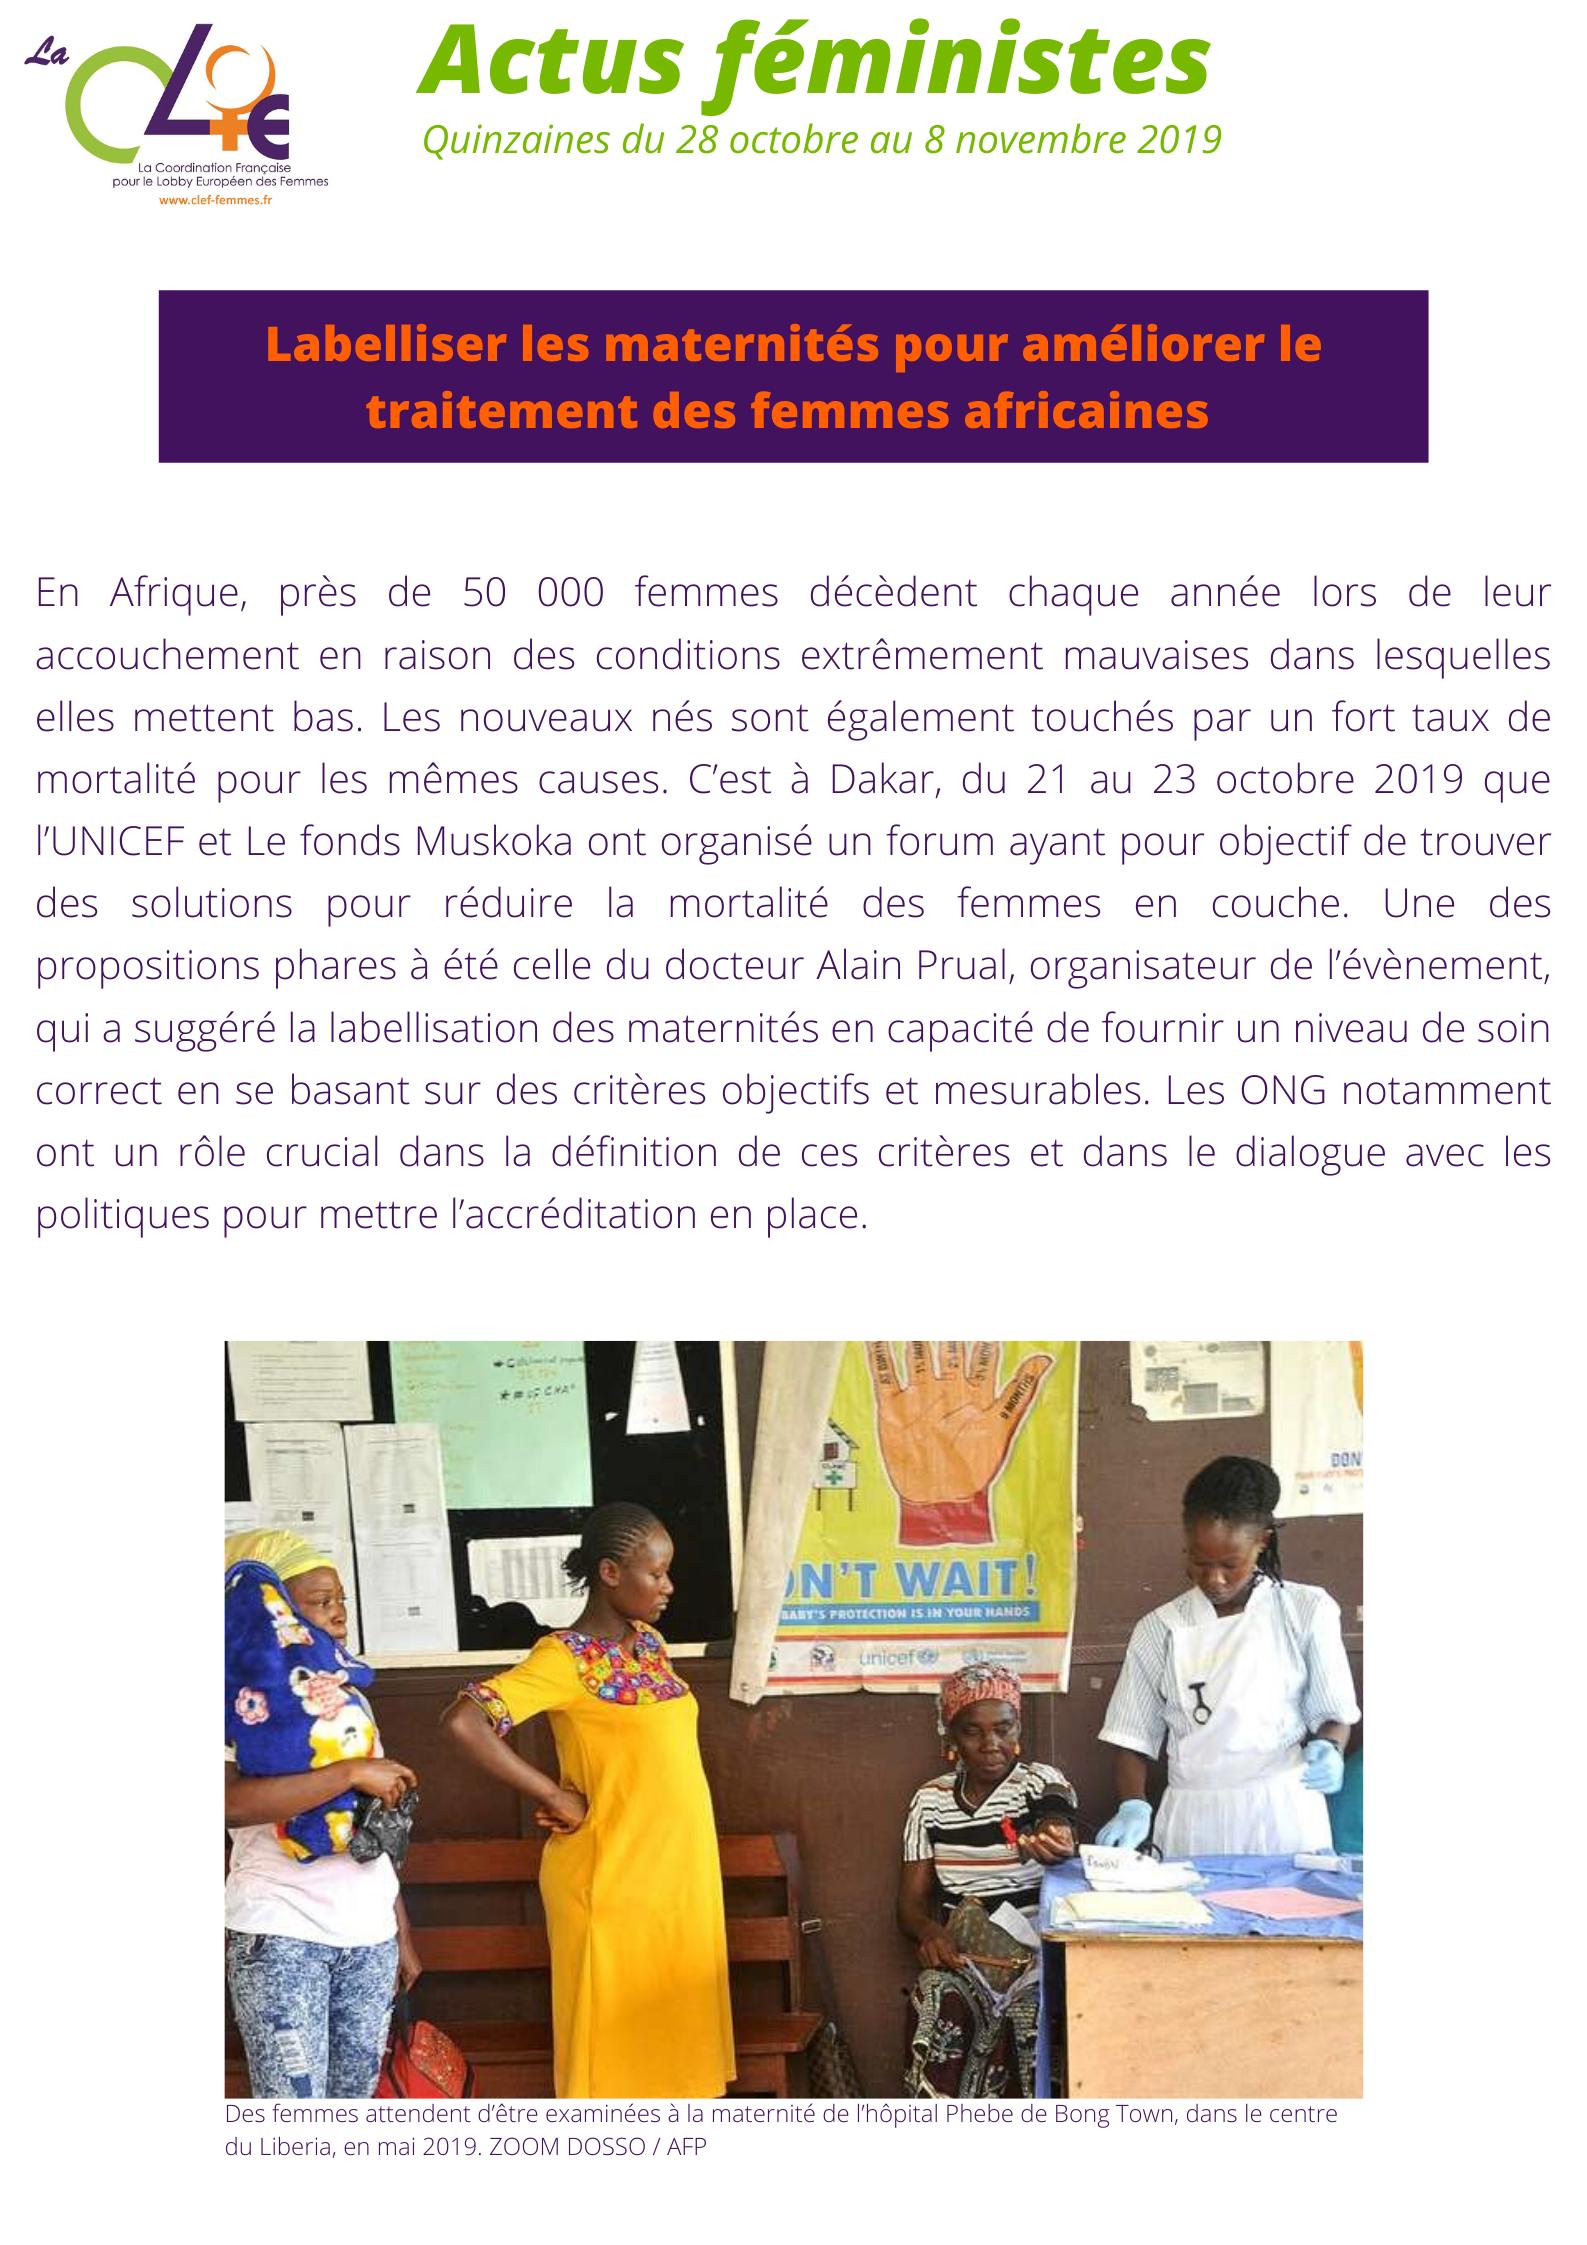 Labelliser les maternités - quinzaine 28.10-08.11-2019